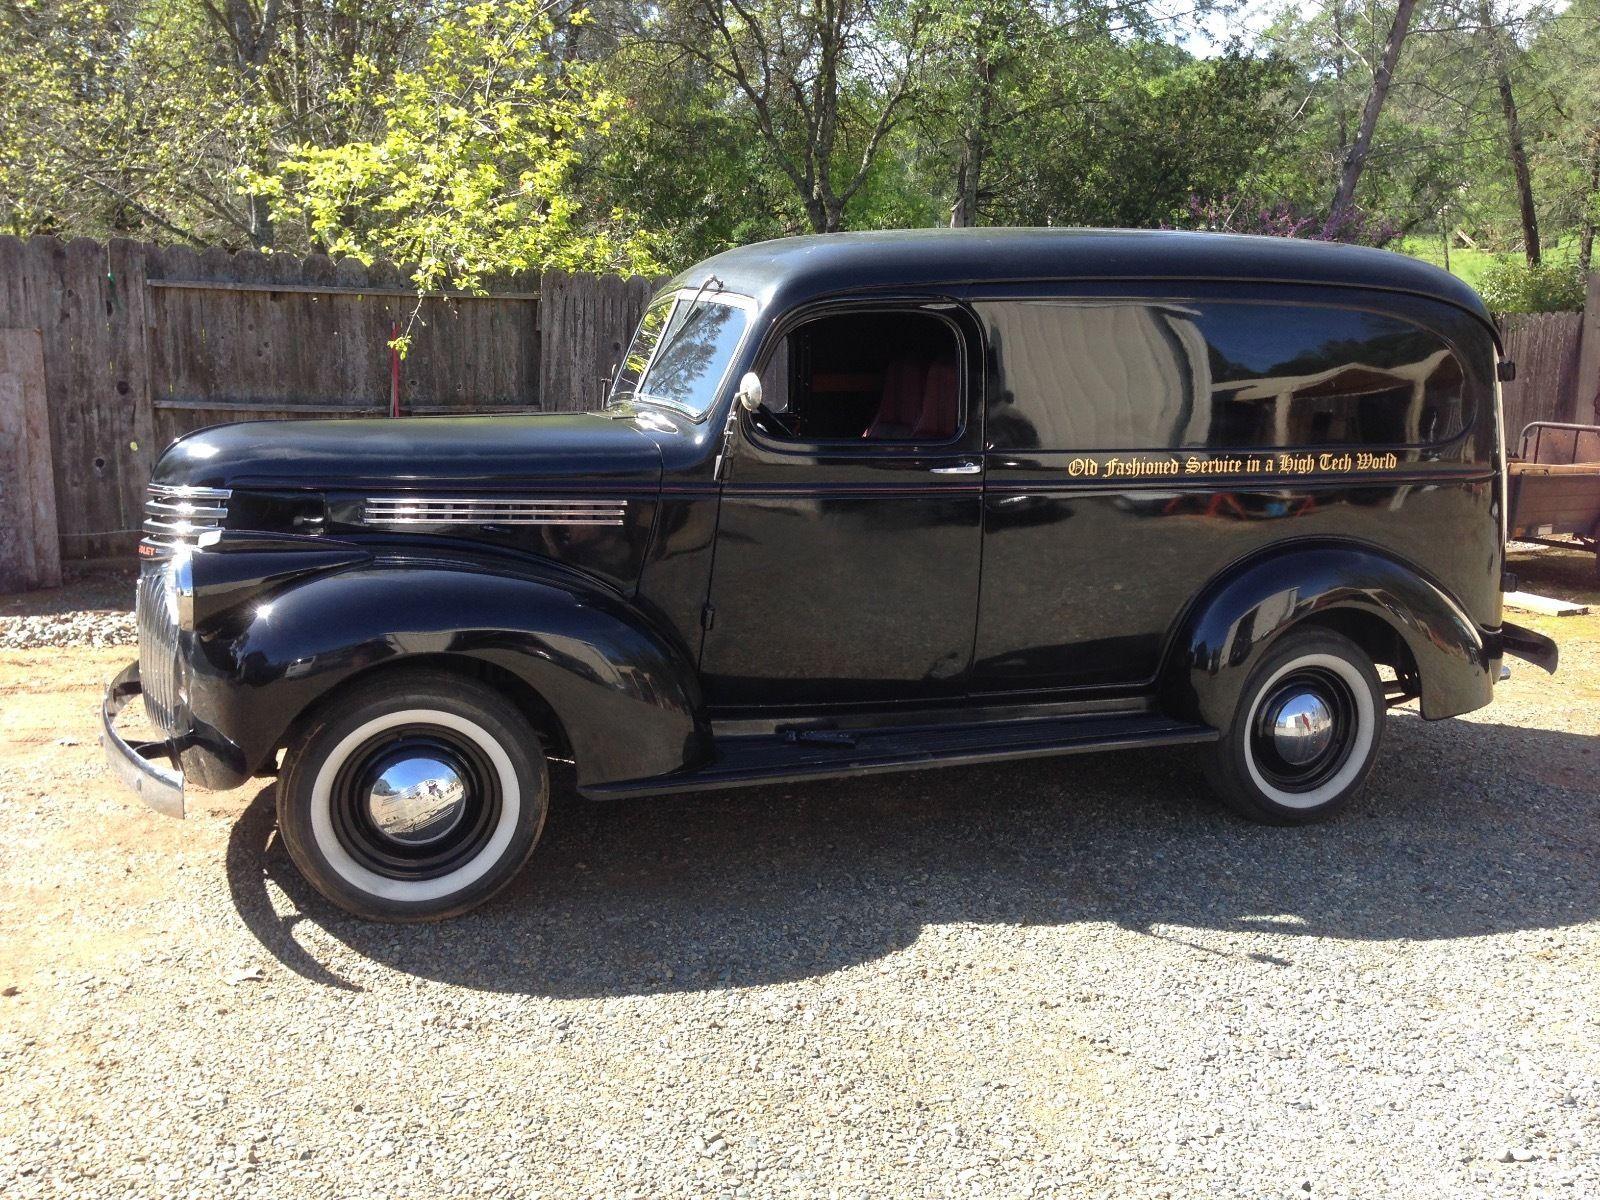 US $10,399.00 Used in eBay Motors, Cars & Trucks, Chevrolet | Cars ...